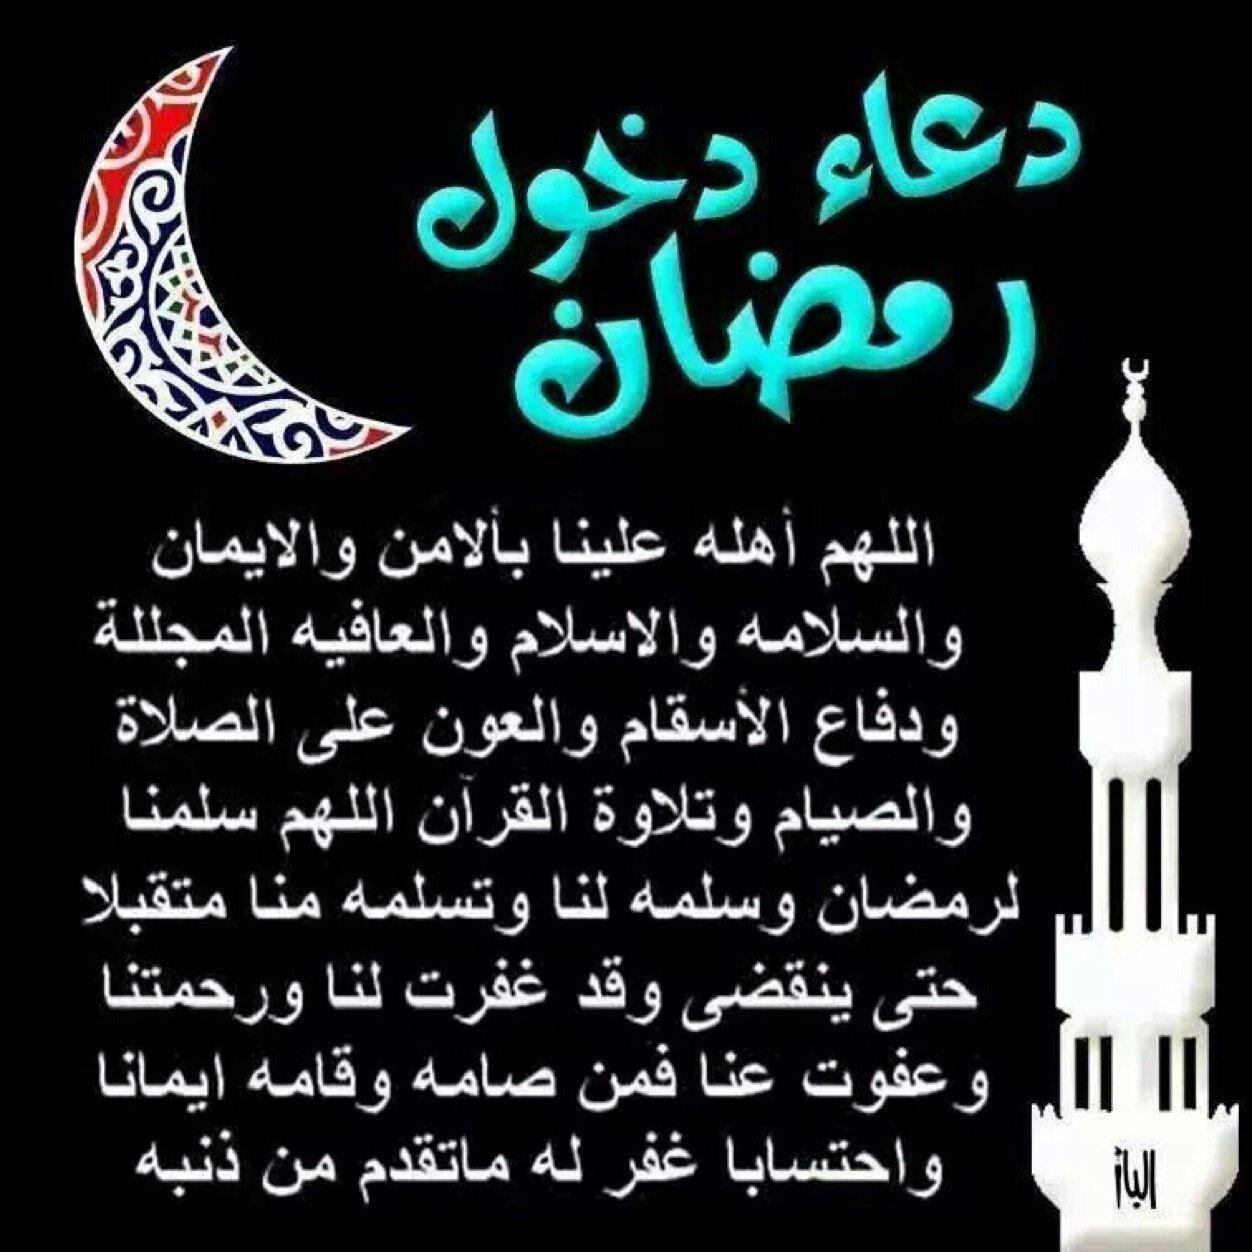 صوره دعاء عن رمضان , اجمل صيغات الادعية عن رمضان